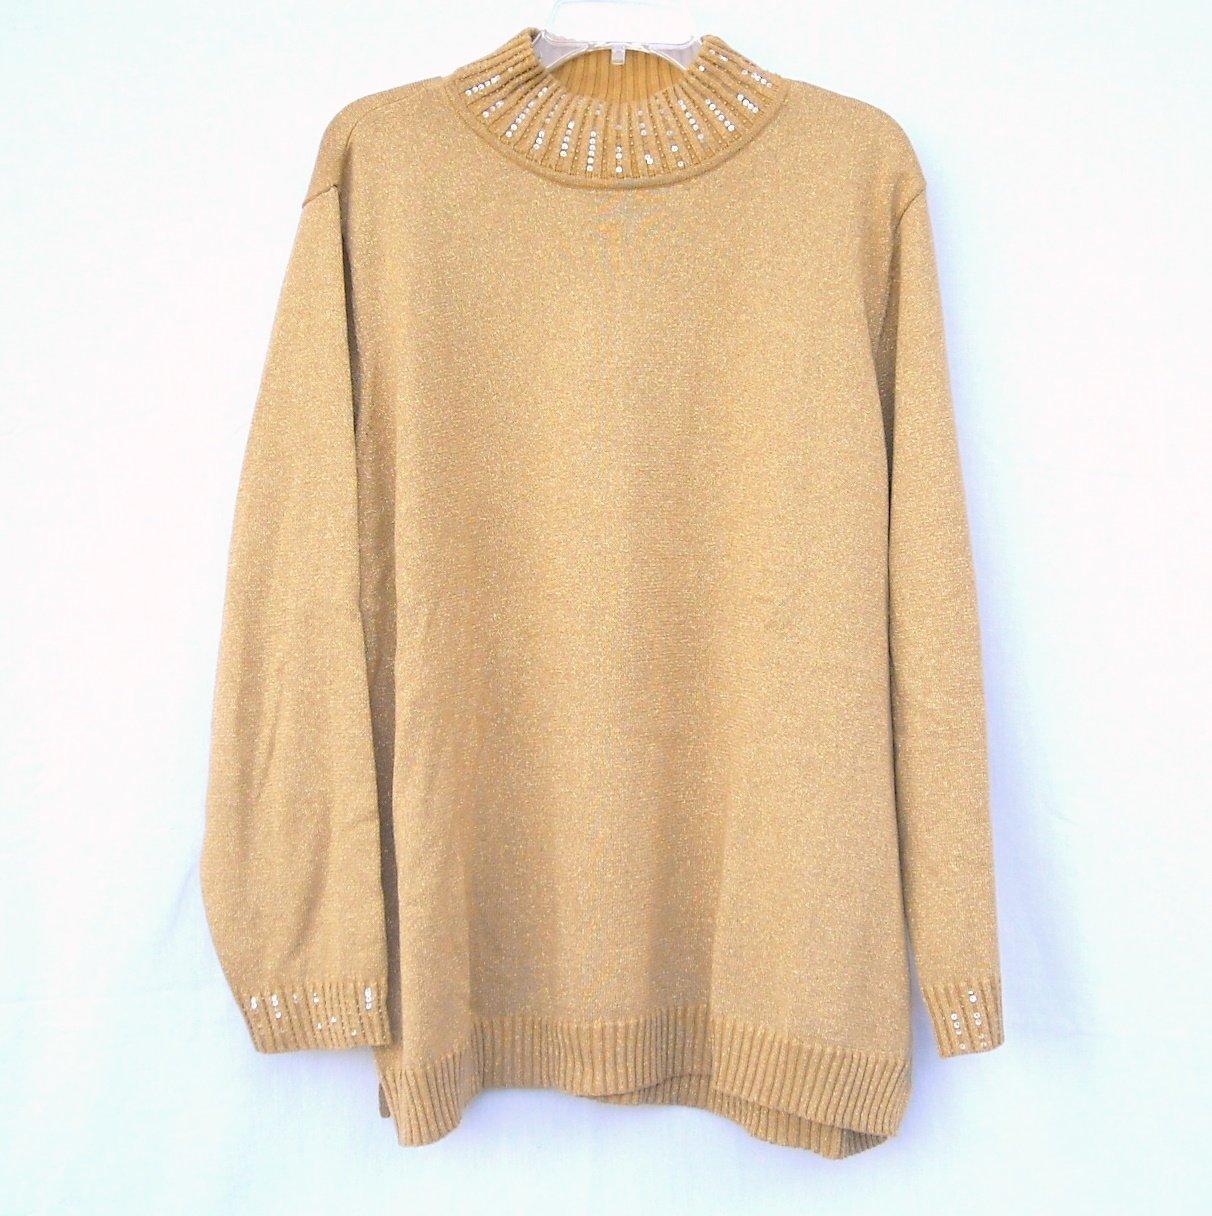 Quacker Factory Womens Golden Glitter Knit Sweater Blouse Top Size 2X